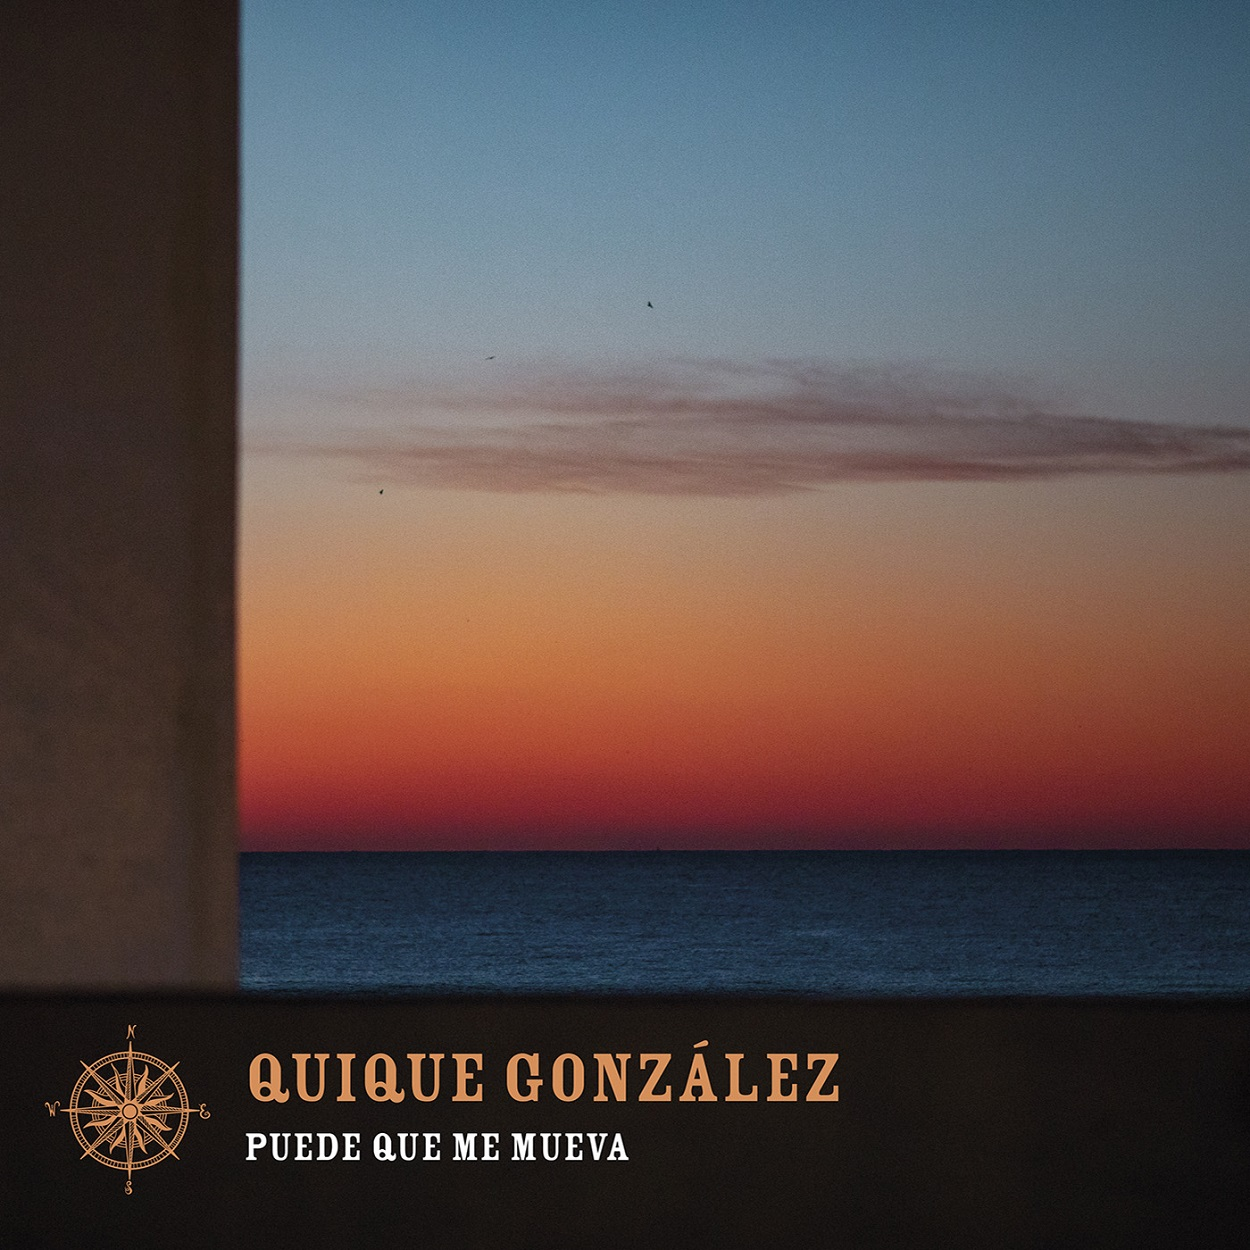 Quique González publicará el primer single de su nuevo disco con una edición limitada por el Record Store Day